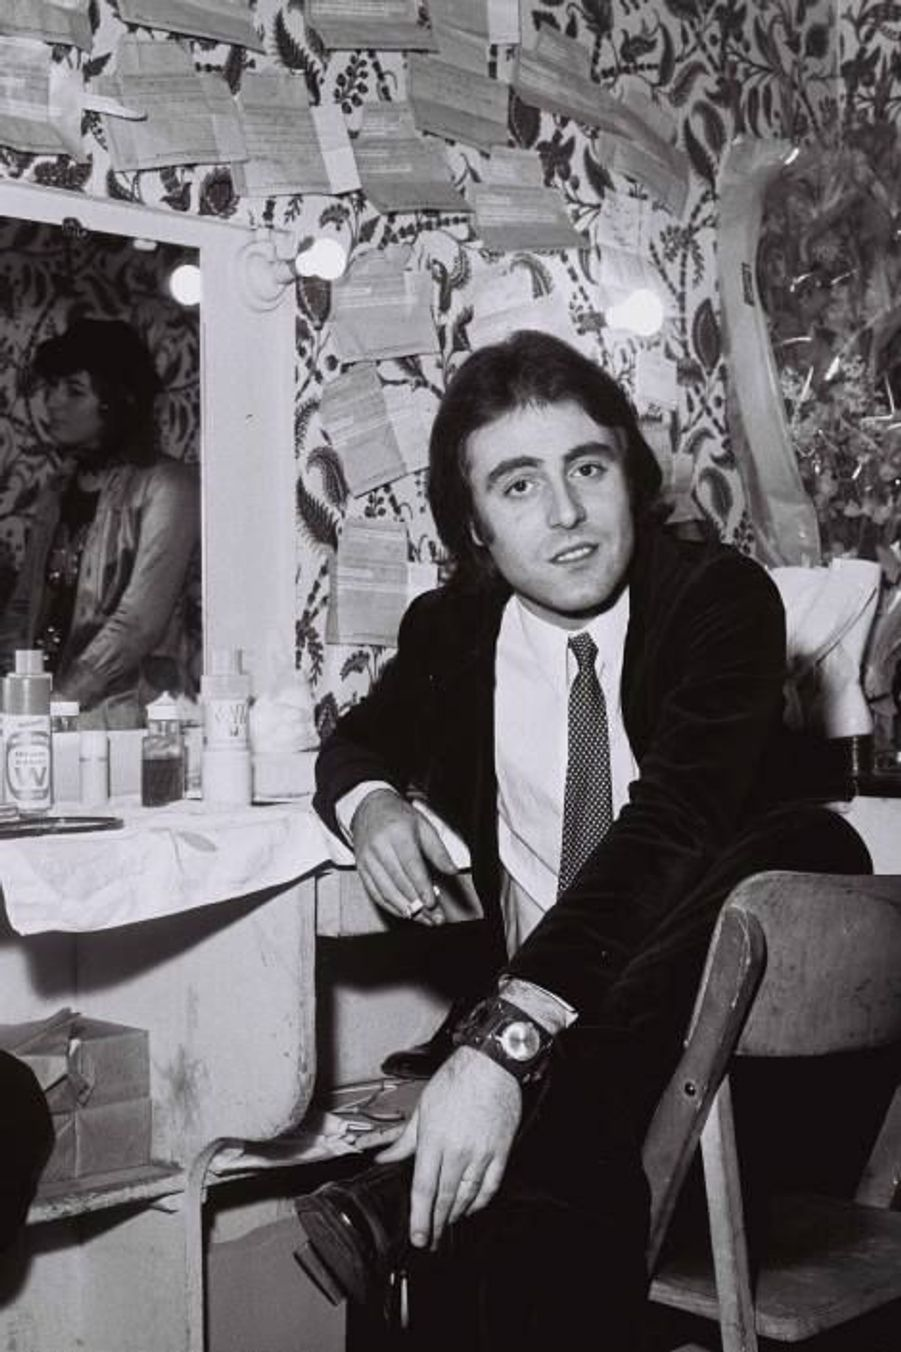 Michel Delpech dans les loges après un concert en 1970